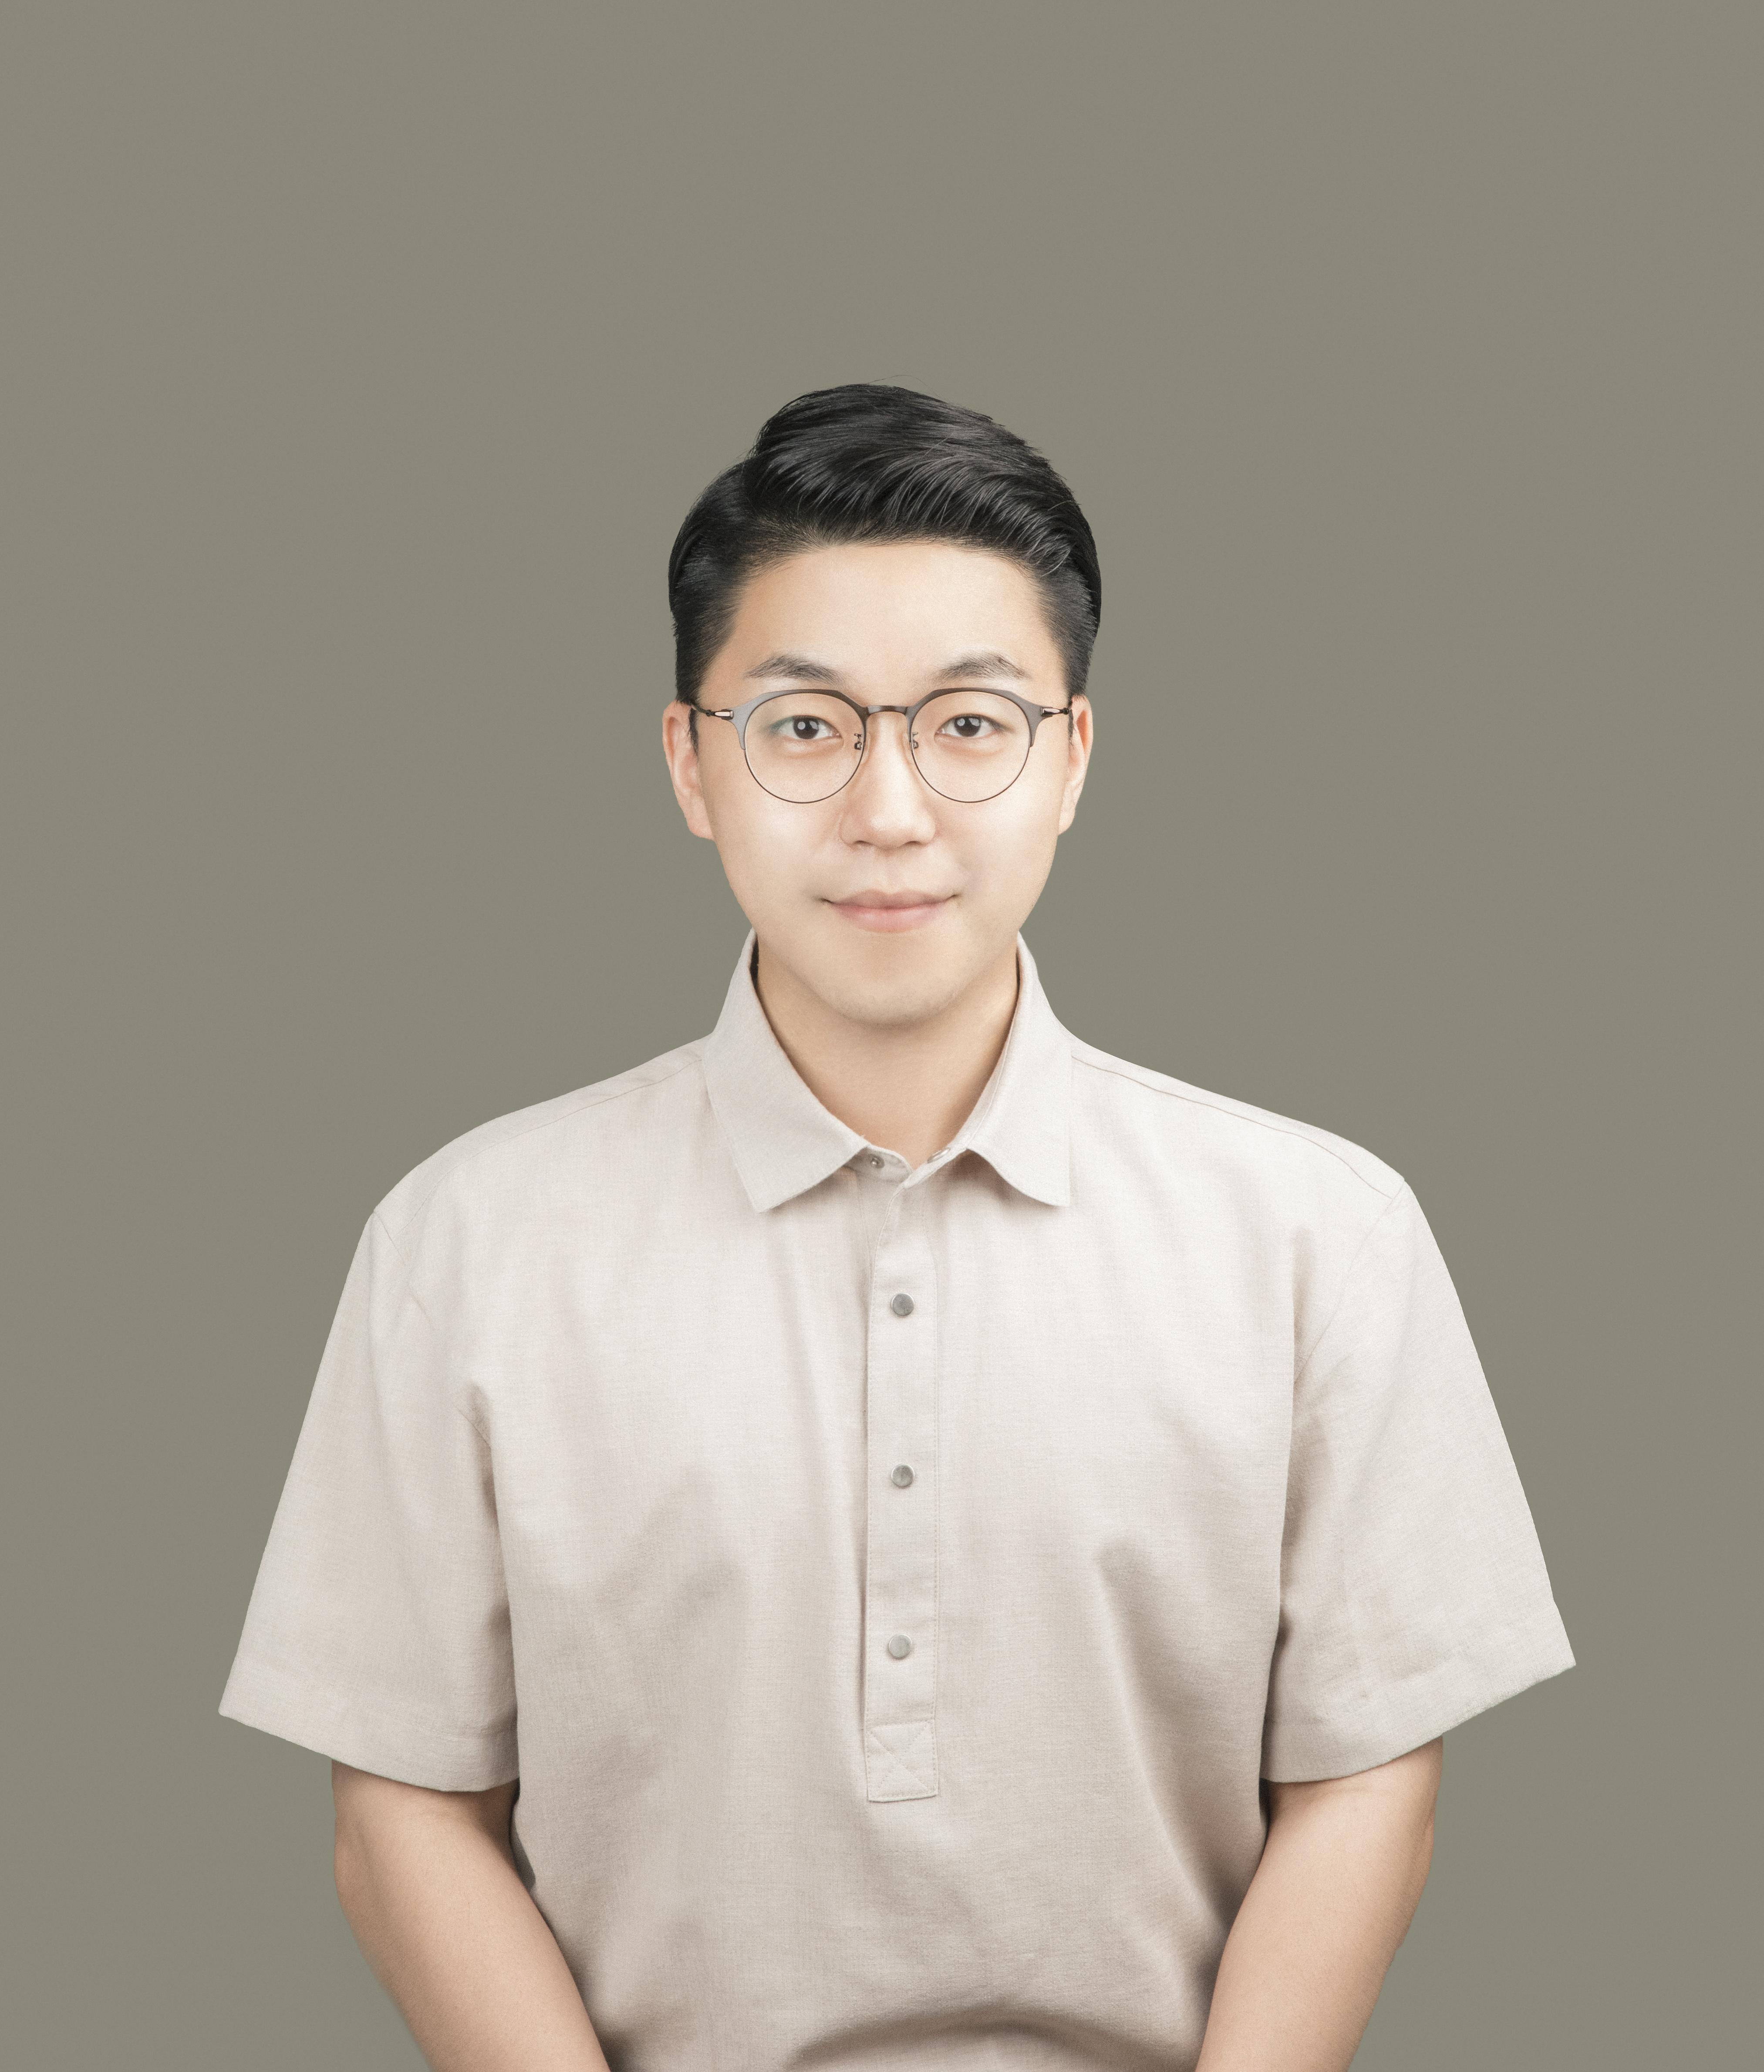 Headshot of Youngdai Won